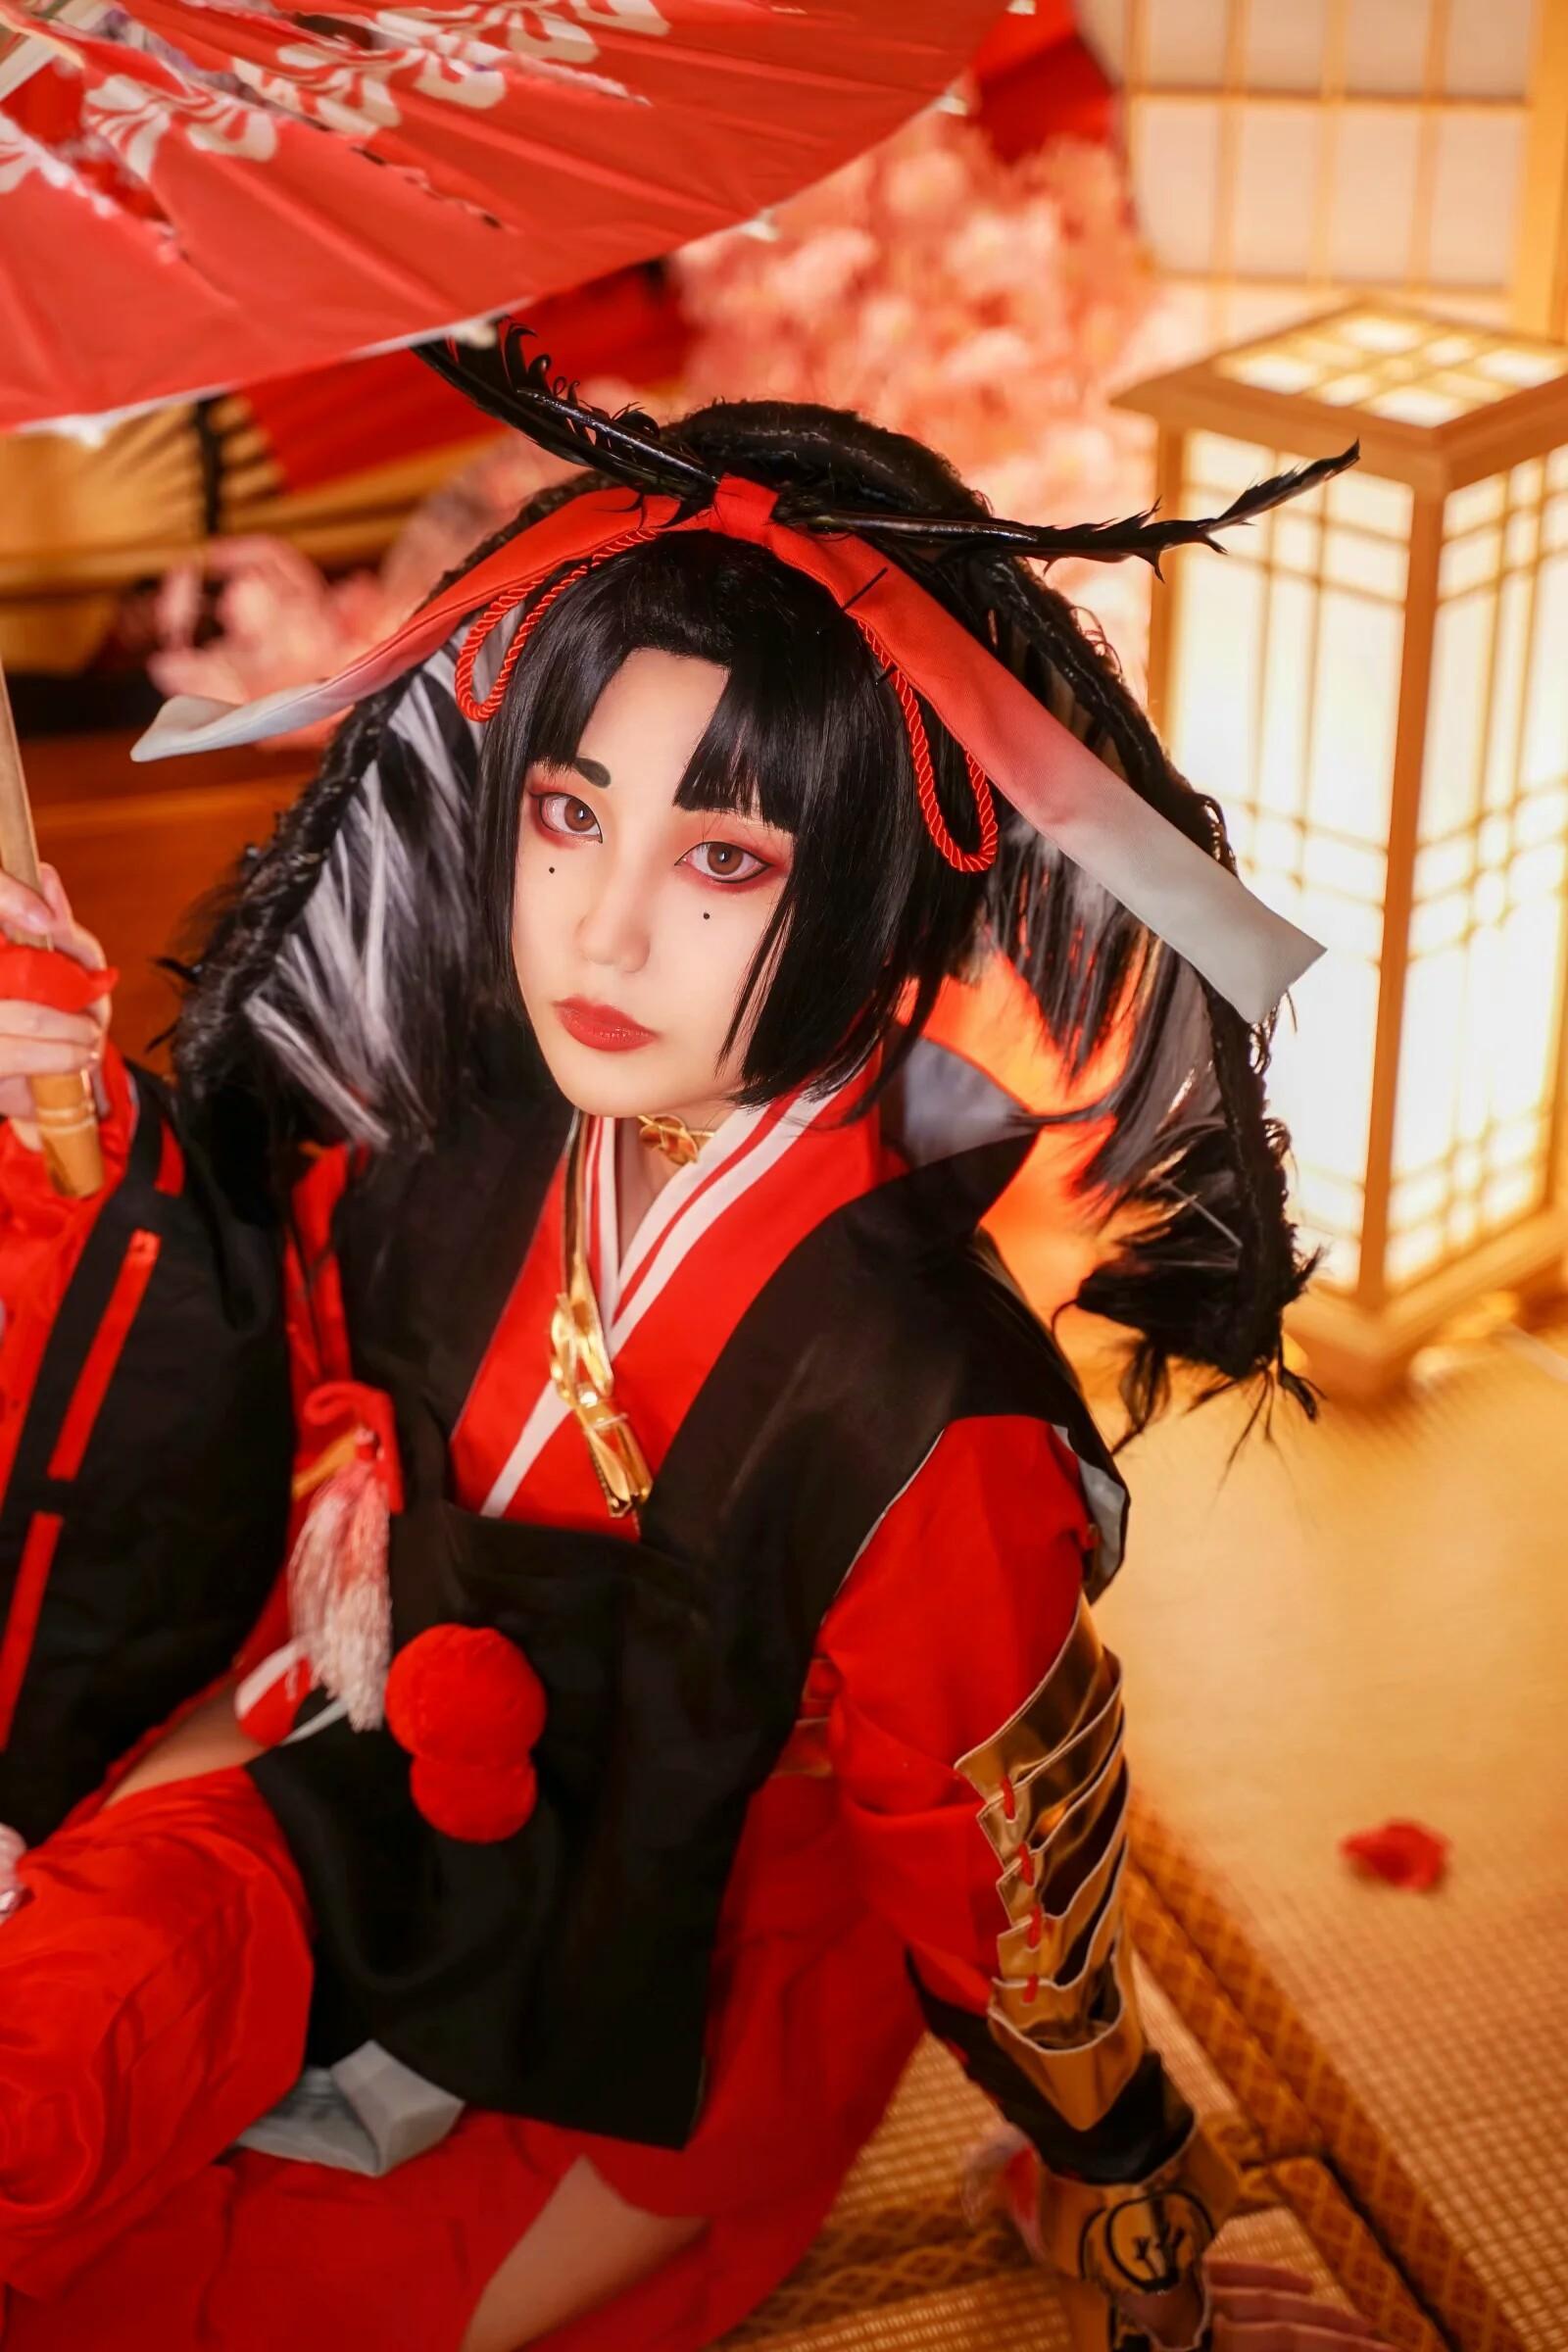 《刀剑乱舞》小乌丸cosplay【CN:妄_言】-第1张